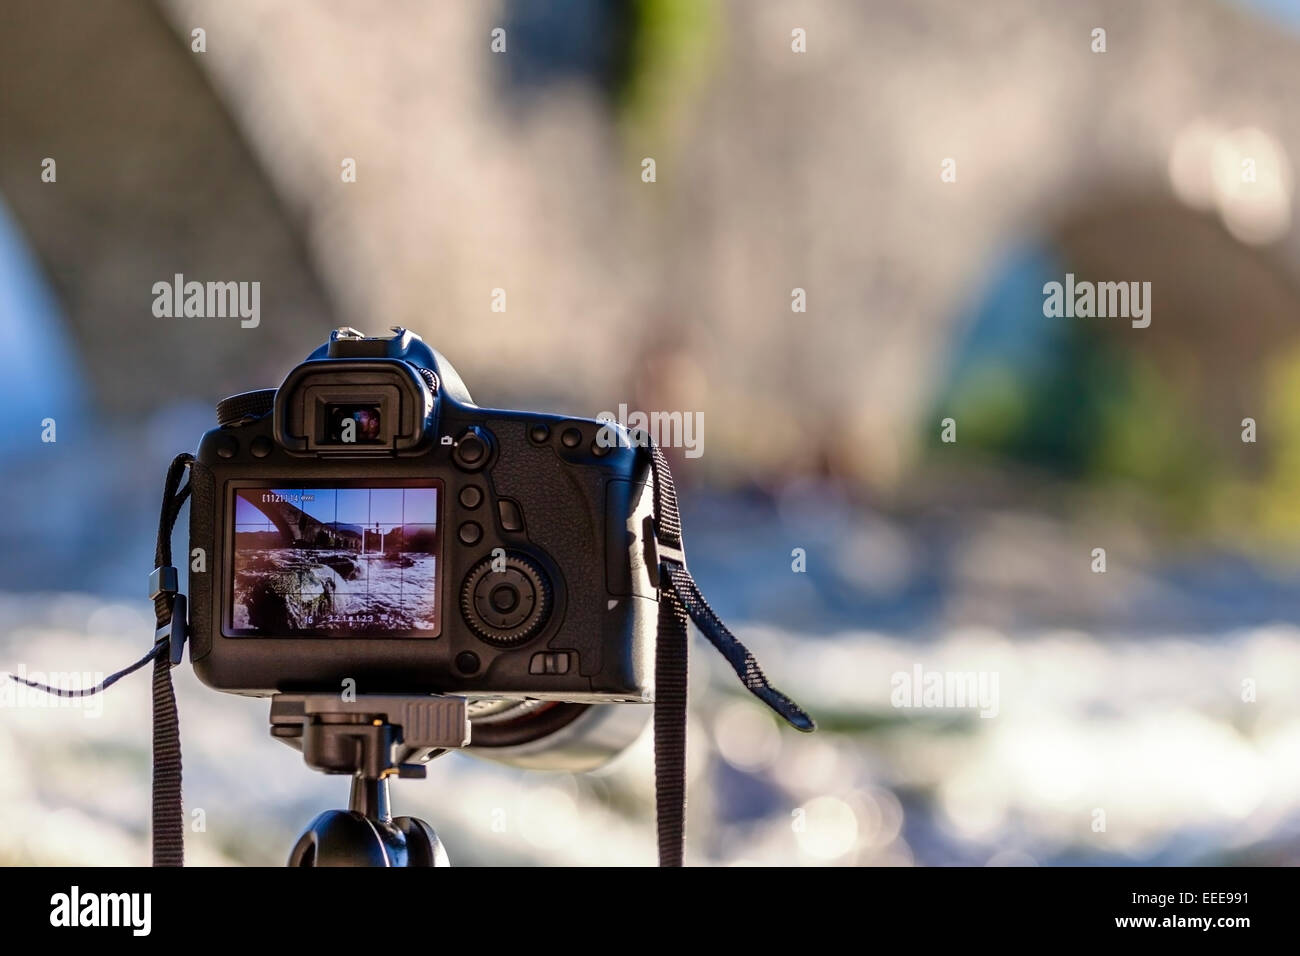 A DSLR camera on a tripod shooting a bridge landscape. Ponte ...